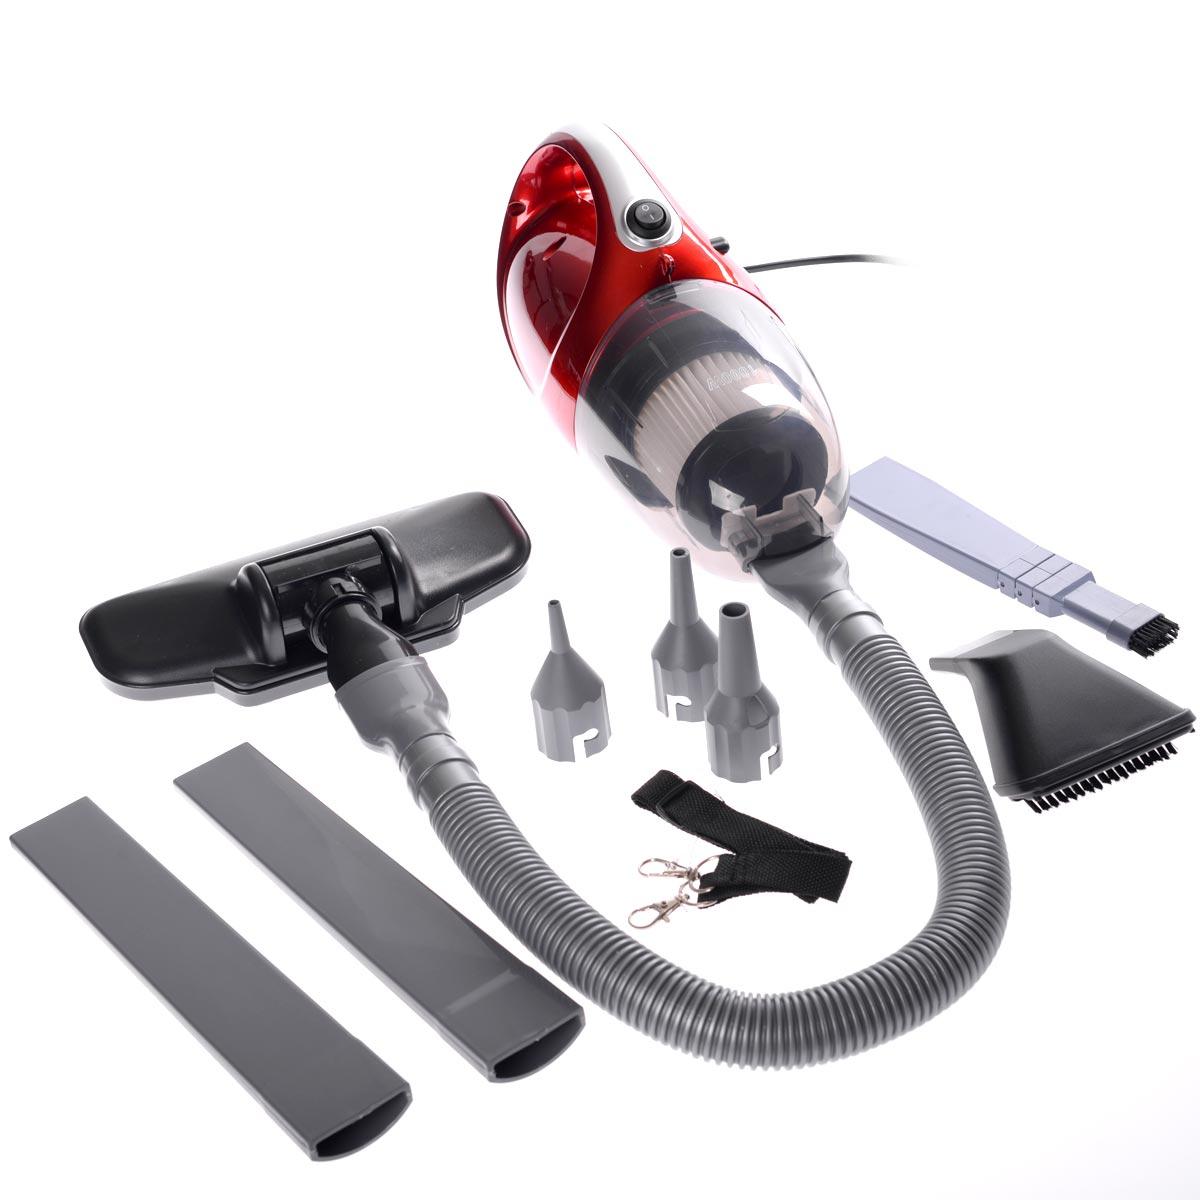 Ηλεκτρικό σκουπάκι με κάδο 1000W - JK-8 - OEM 52207